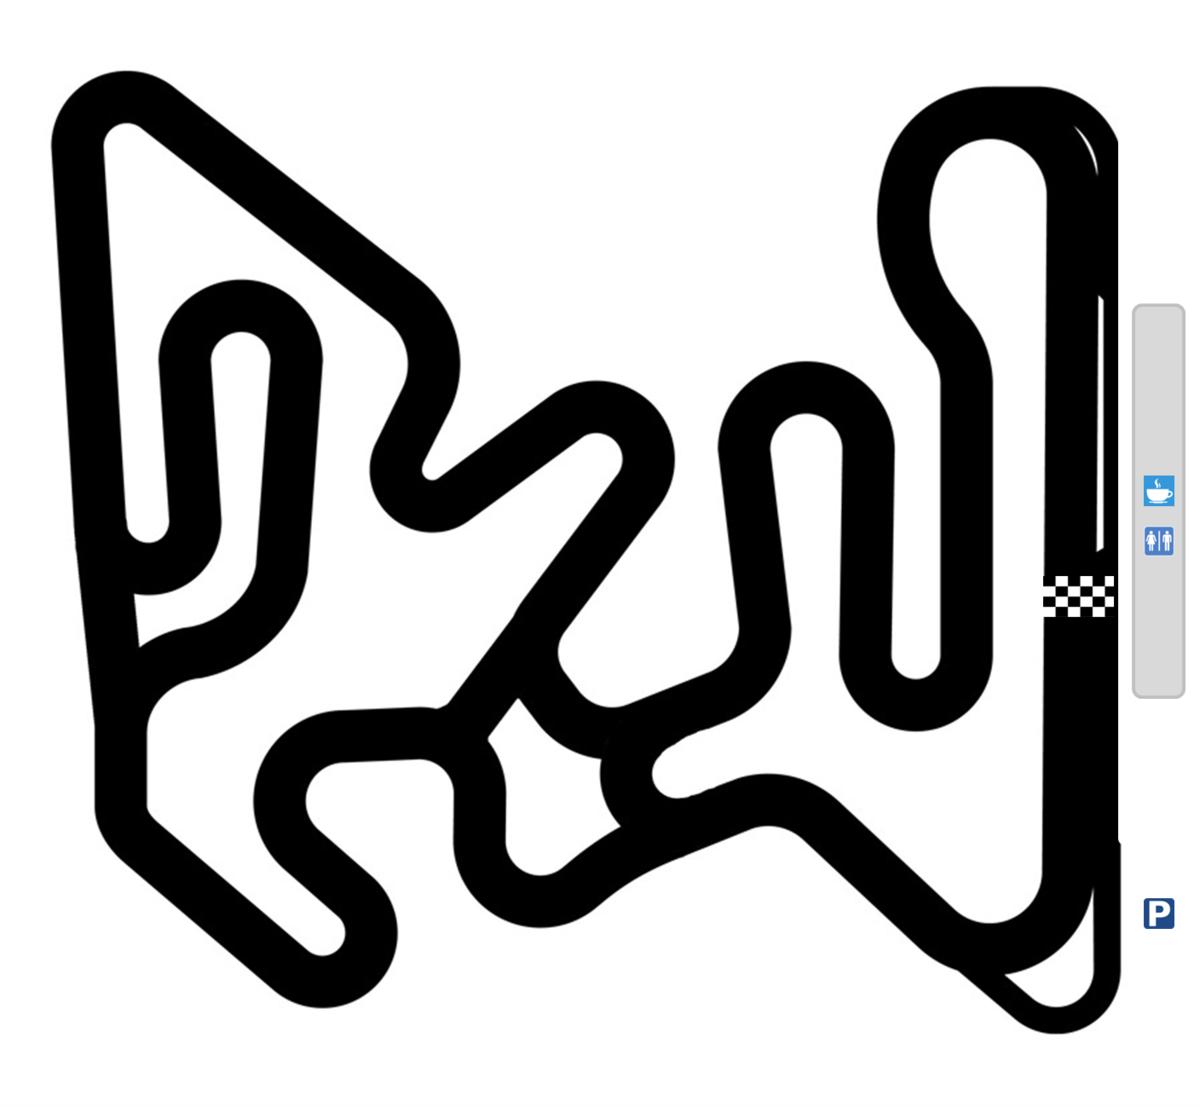 Circuito Wikipedia : Circuito daniel rivas wikipedia la enciclopedia libre